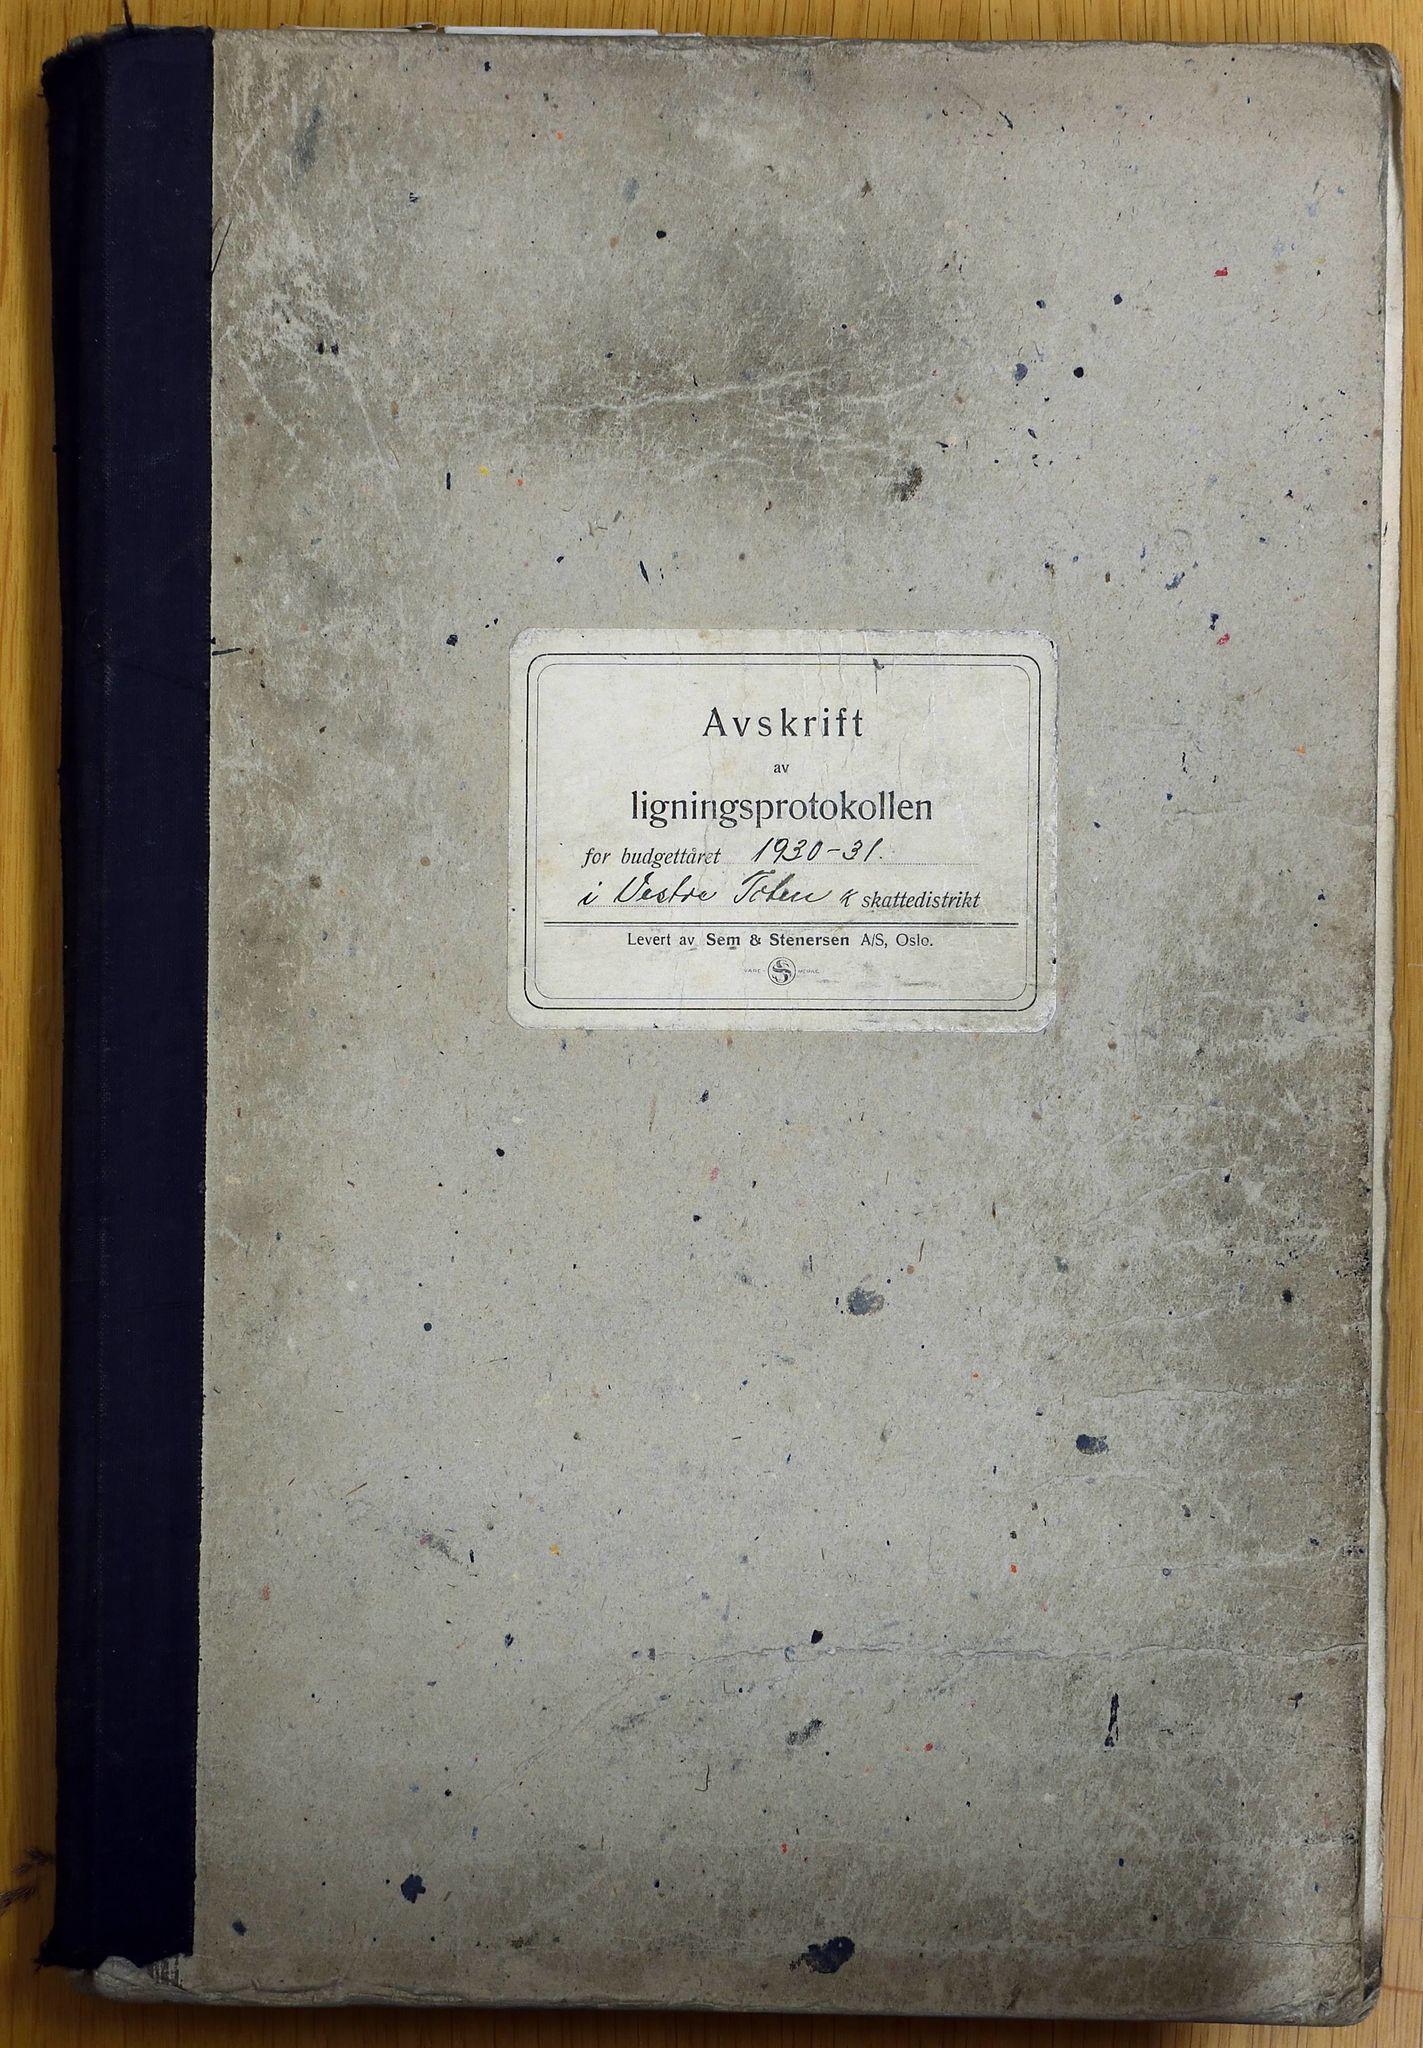 KVT, Vestre Toten municipality archive: Tax assessment protocol 1930-1931, 1930-1931